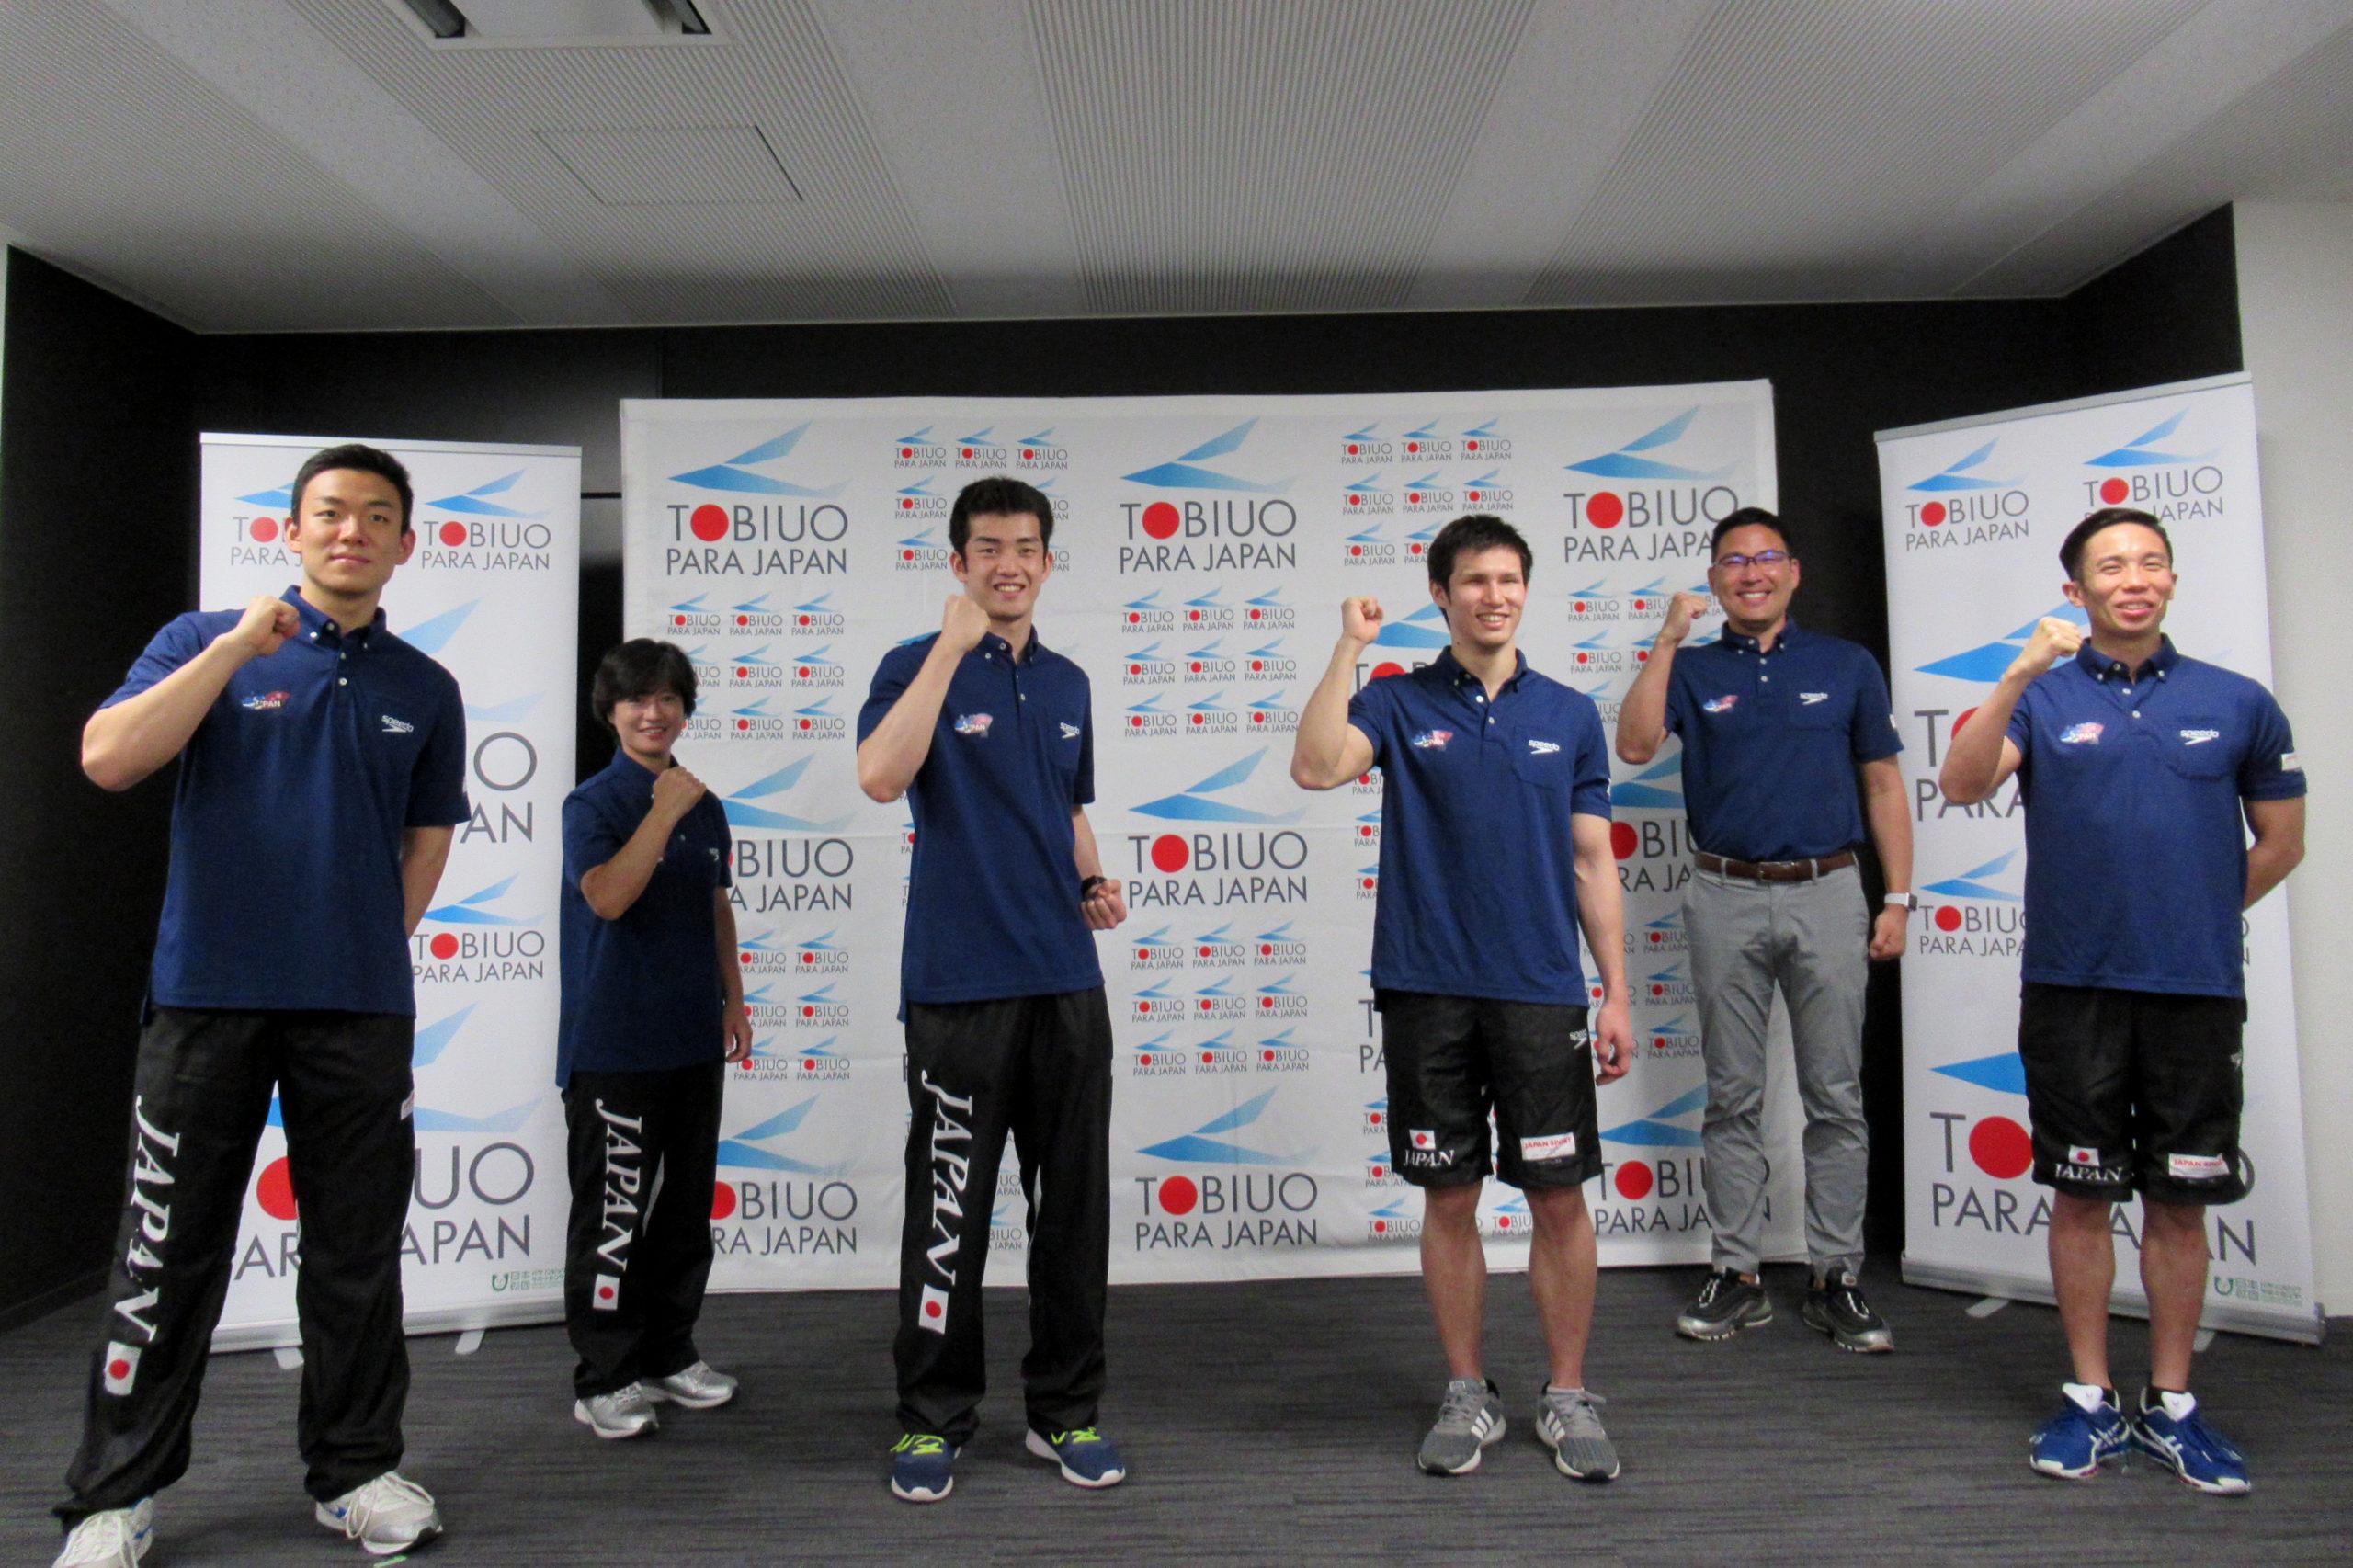 木村敬一「東京開催は、世界が元気になる証!」〜パラ水泳、東京パラリンピック1年前オンライン記者会見!本番までのスケジュール決定、選手ら想いをあらたに〜